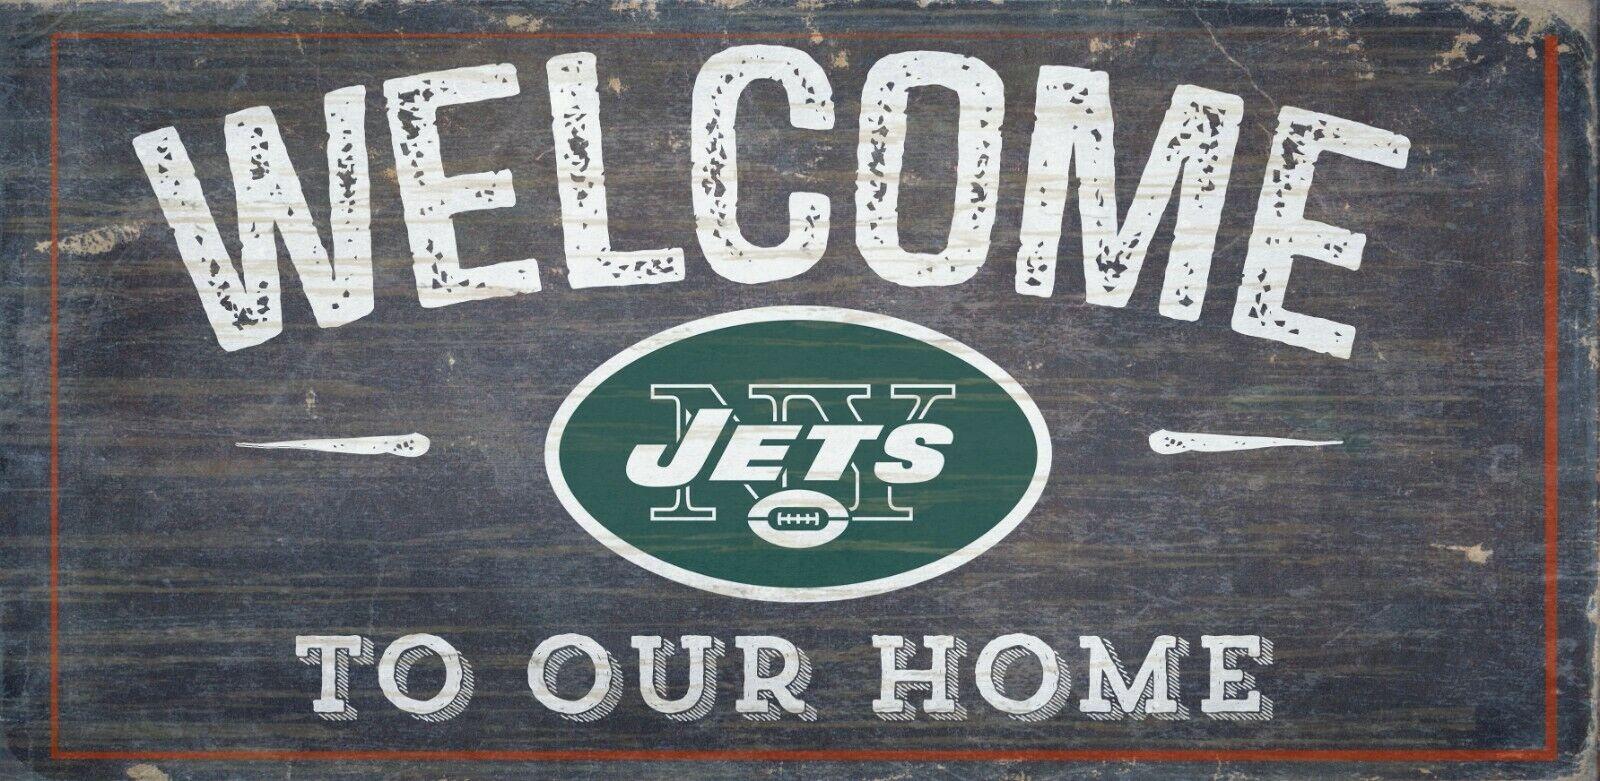 New York Jets Welcome Sich Unser Heim Holz-Schild - Ny Neu 30.5cm x 15.2cm Deko